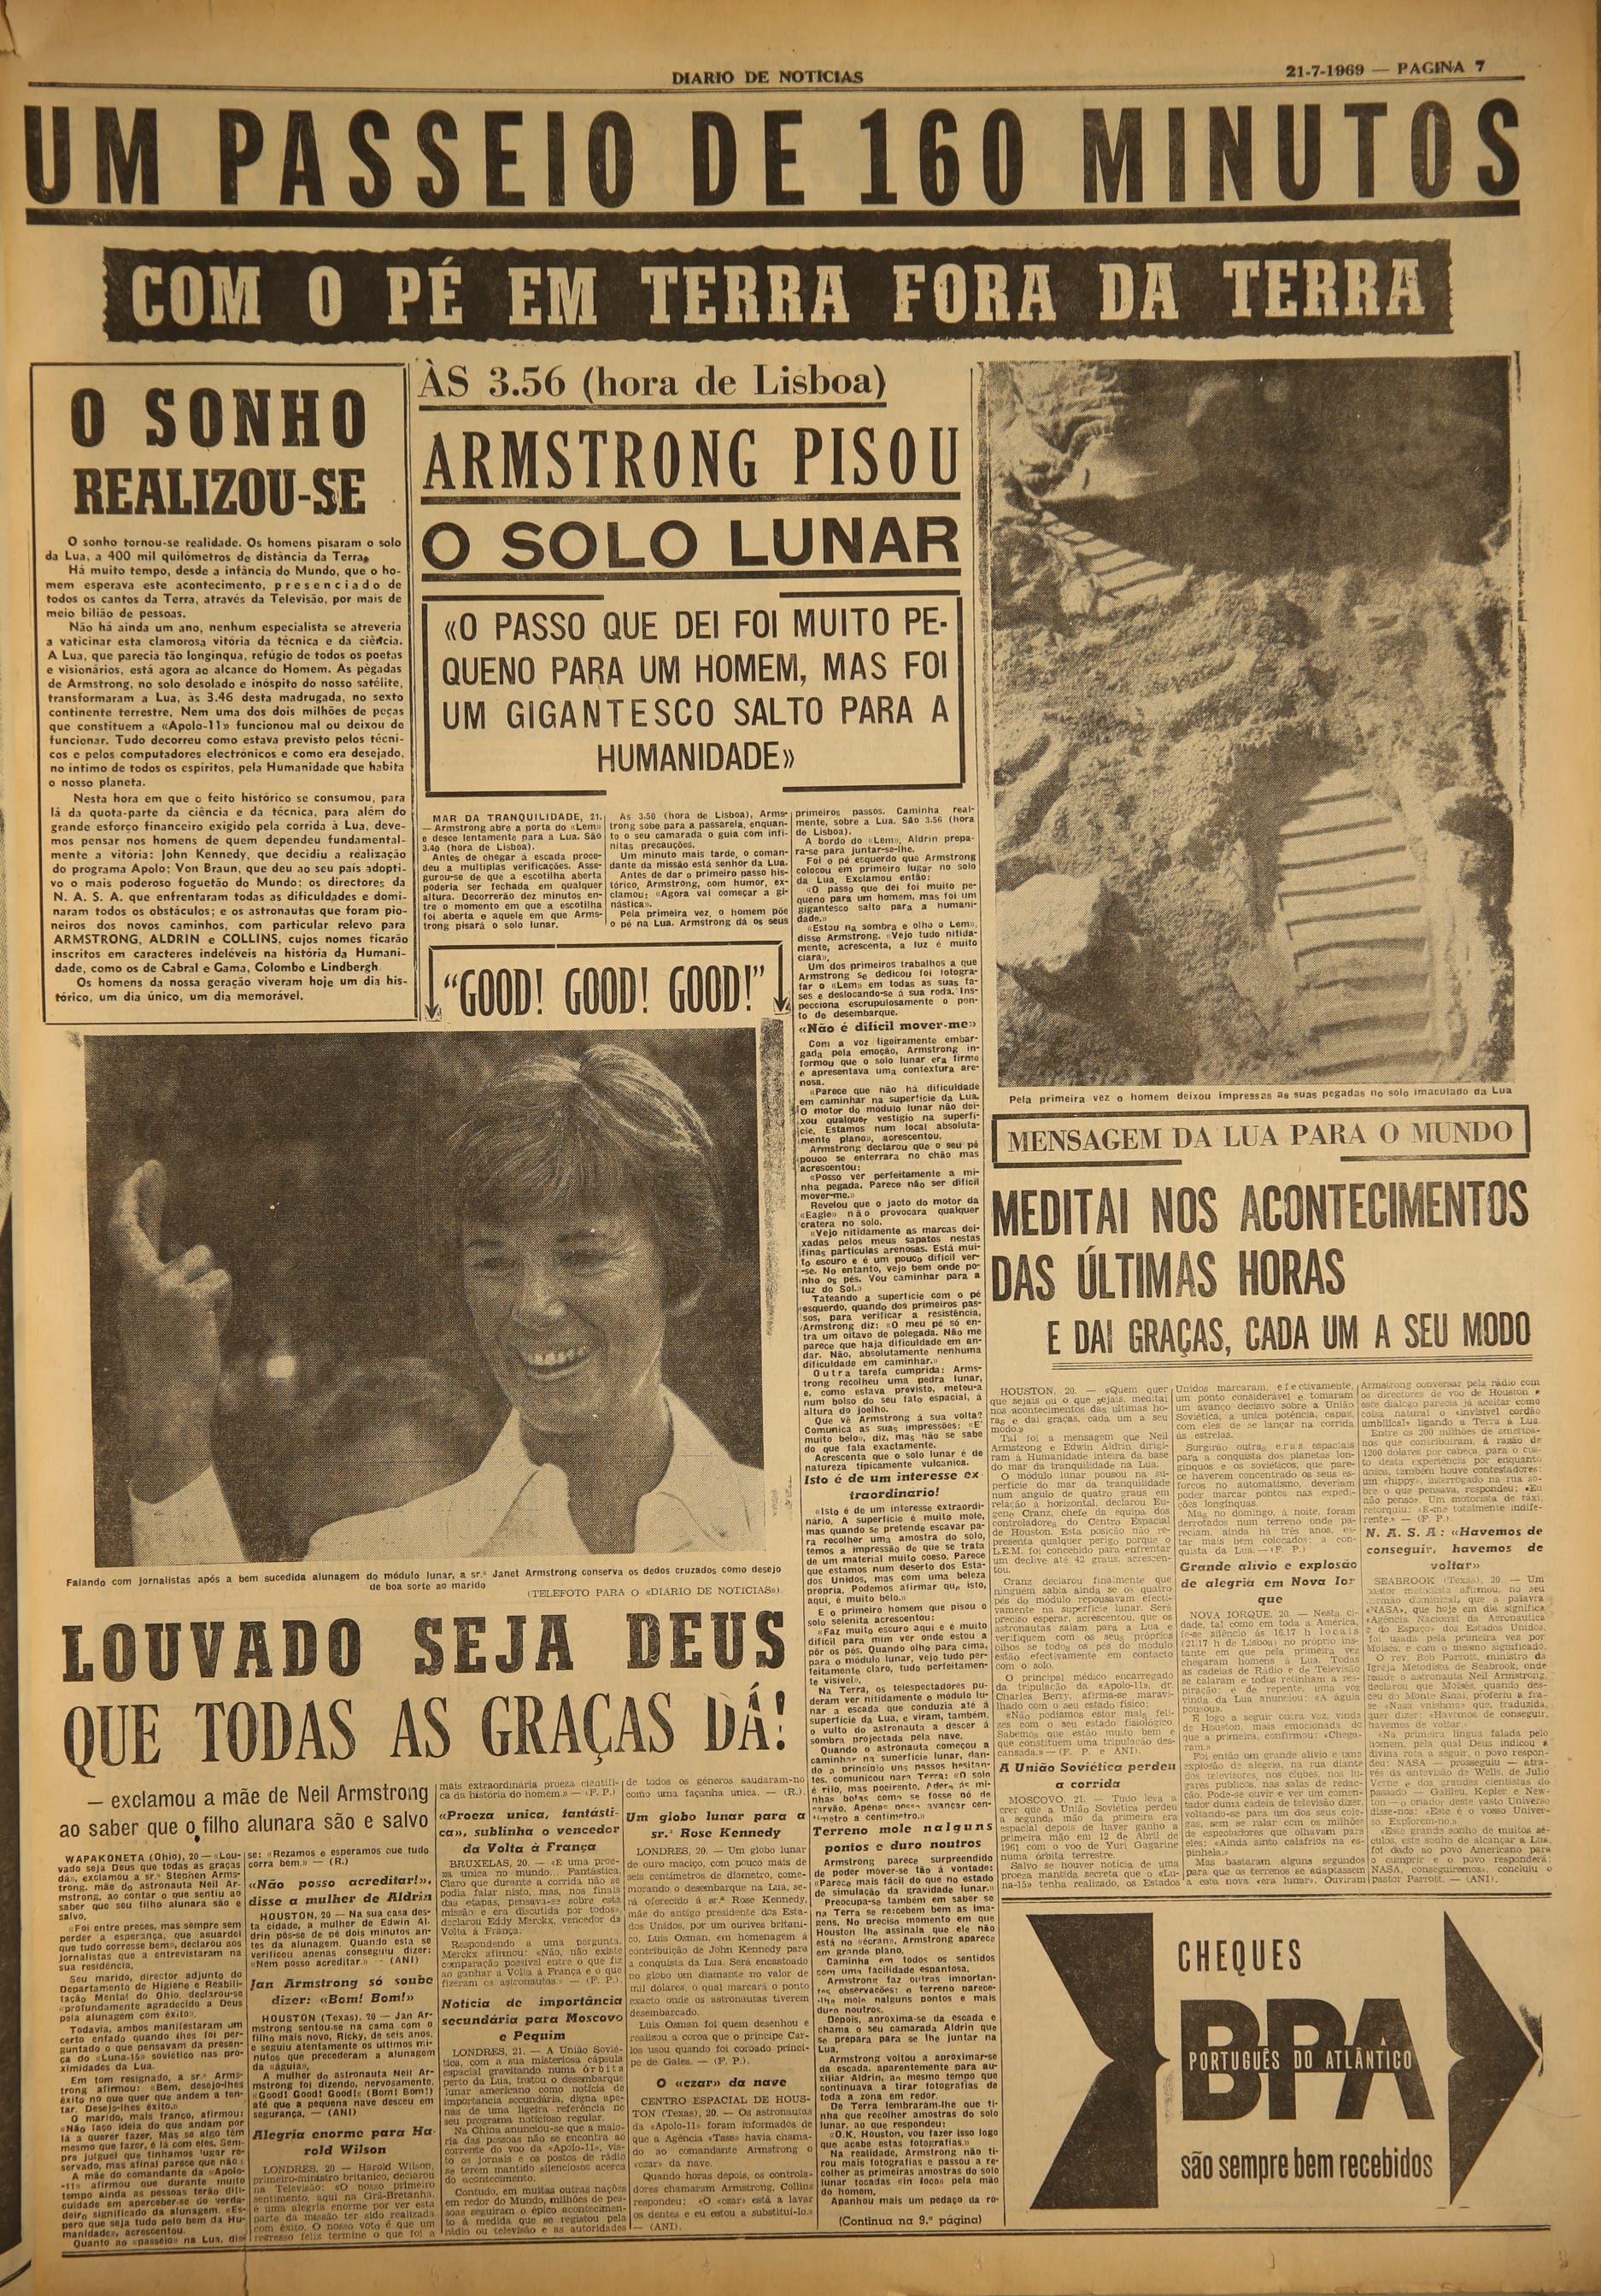 """Jornal """"Diário de Notícias"""" (21 julho 1969)"""